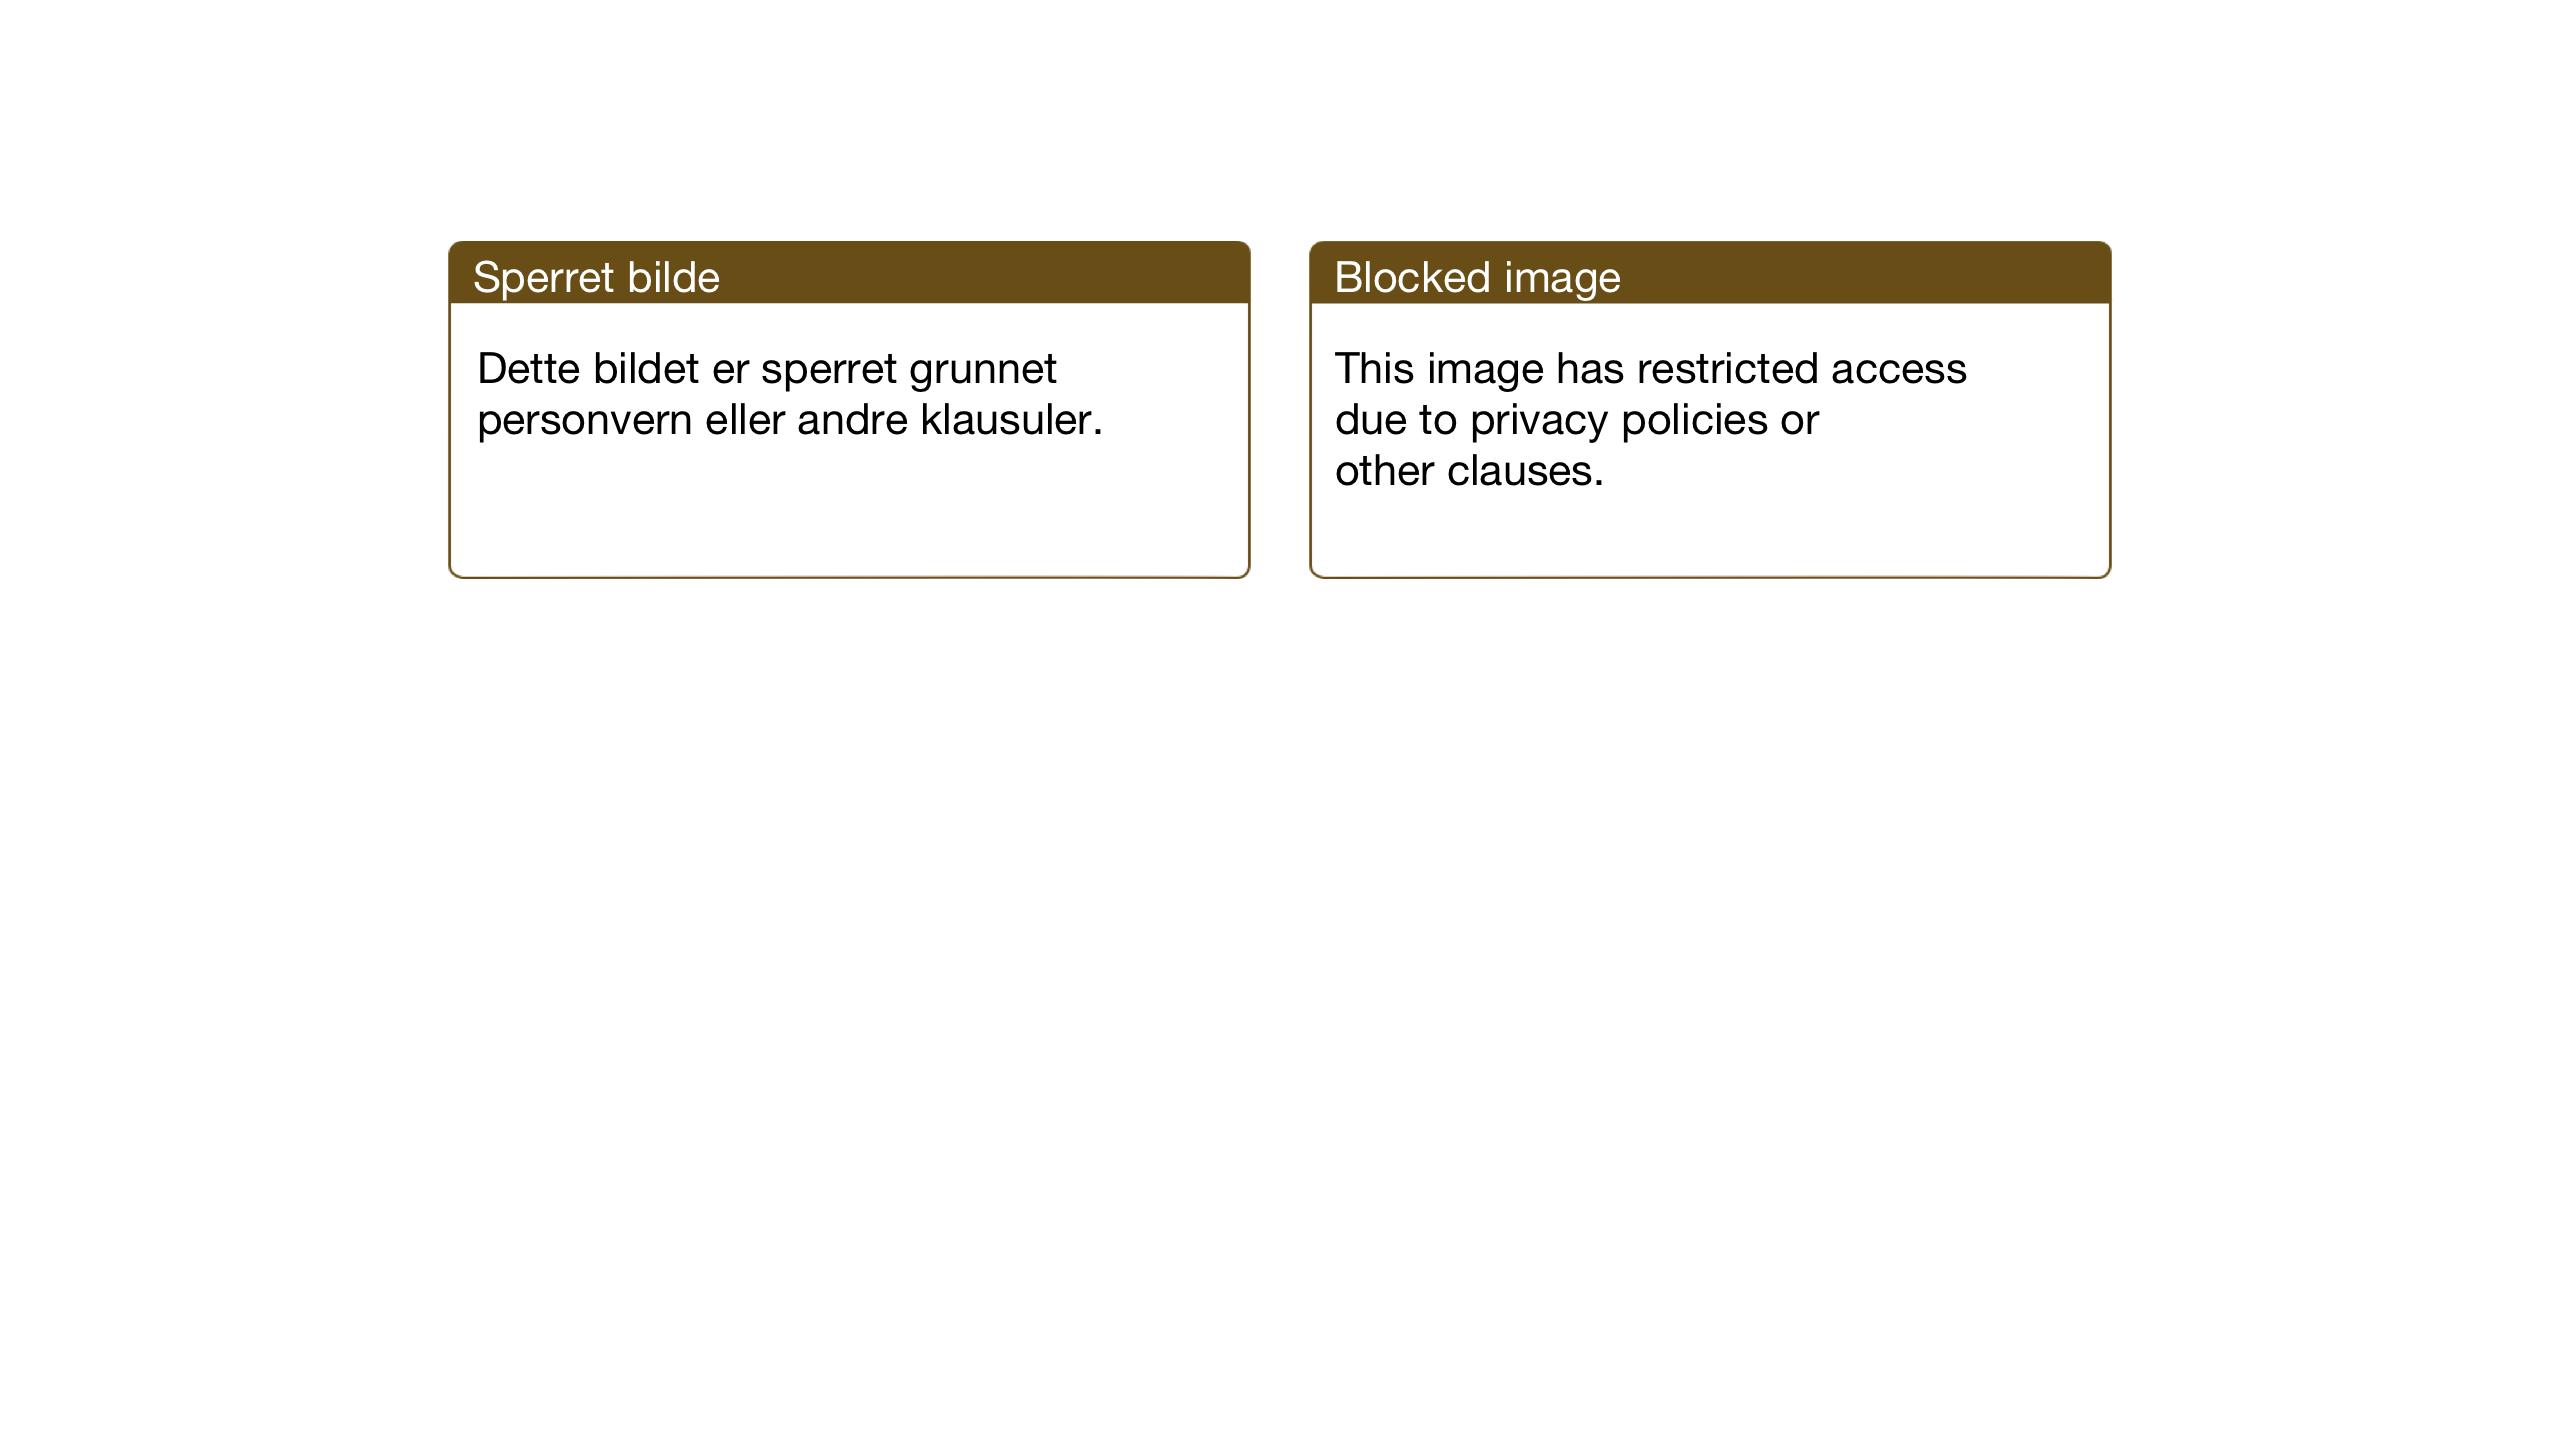 SAT, Ministerialprotokoller, klokkerbøker og fødselsregistre - Nord-Trøndelag, 709/L0089: Klokkerbok nr. 709C03, 1935-1948, s. 29